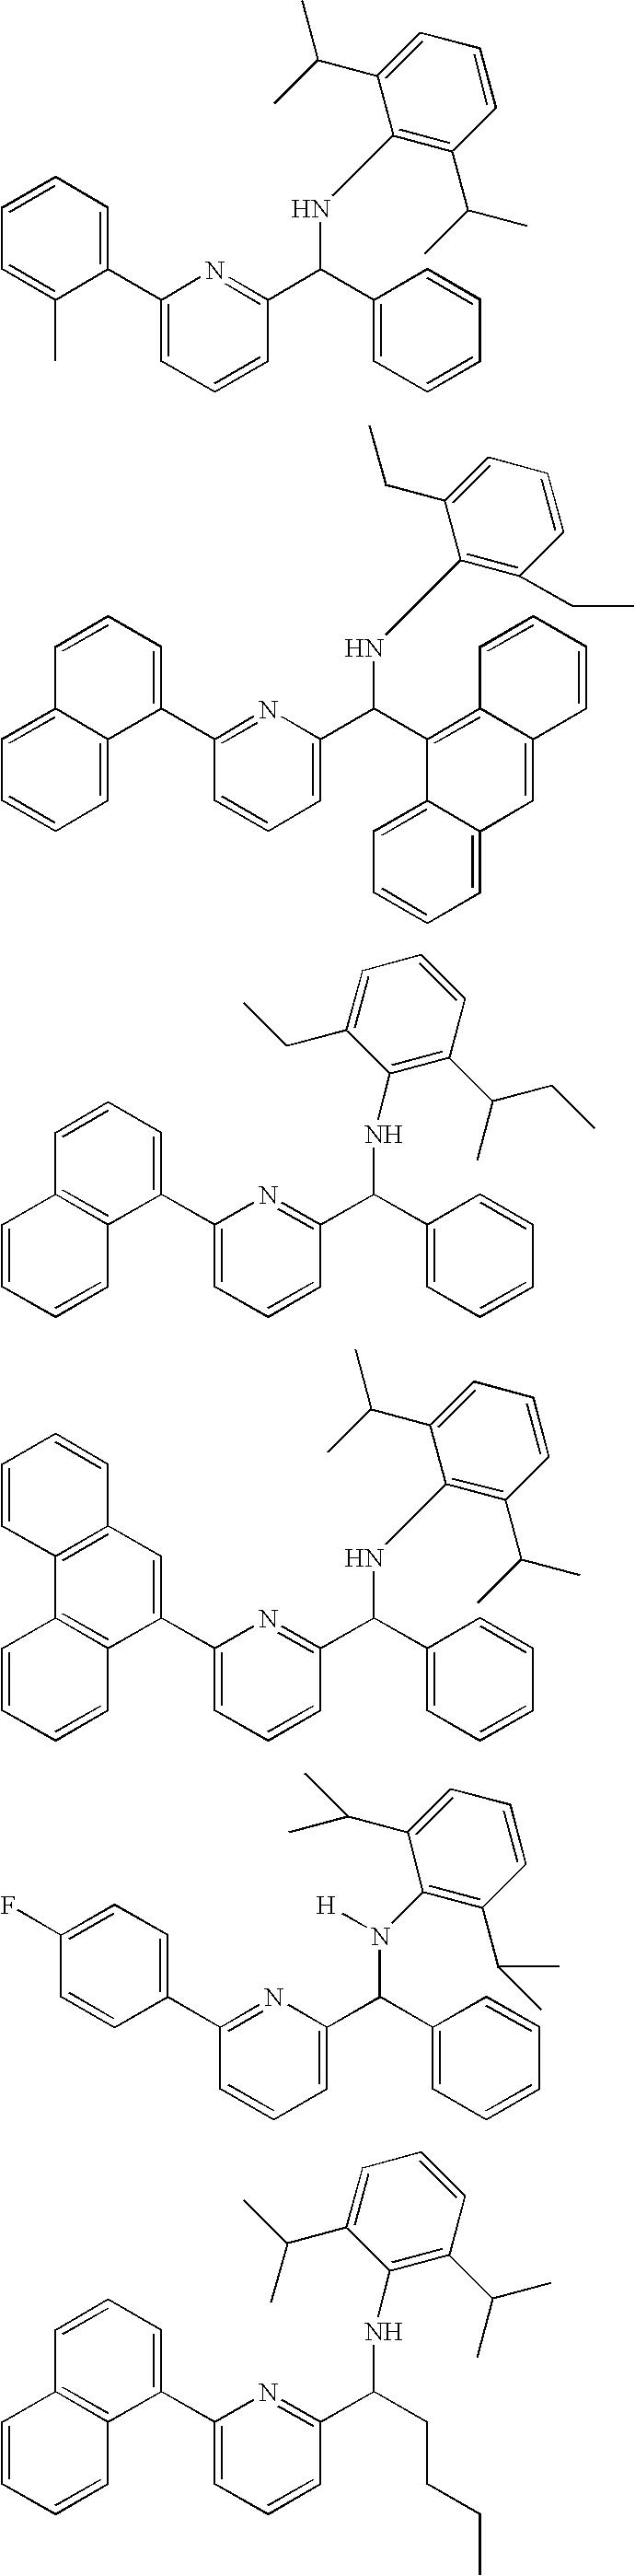 Figure US06900321-20050531-C00023